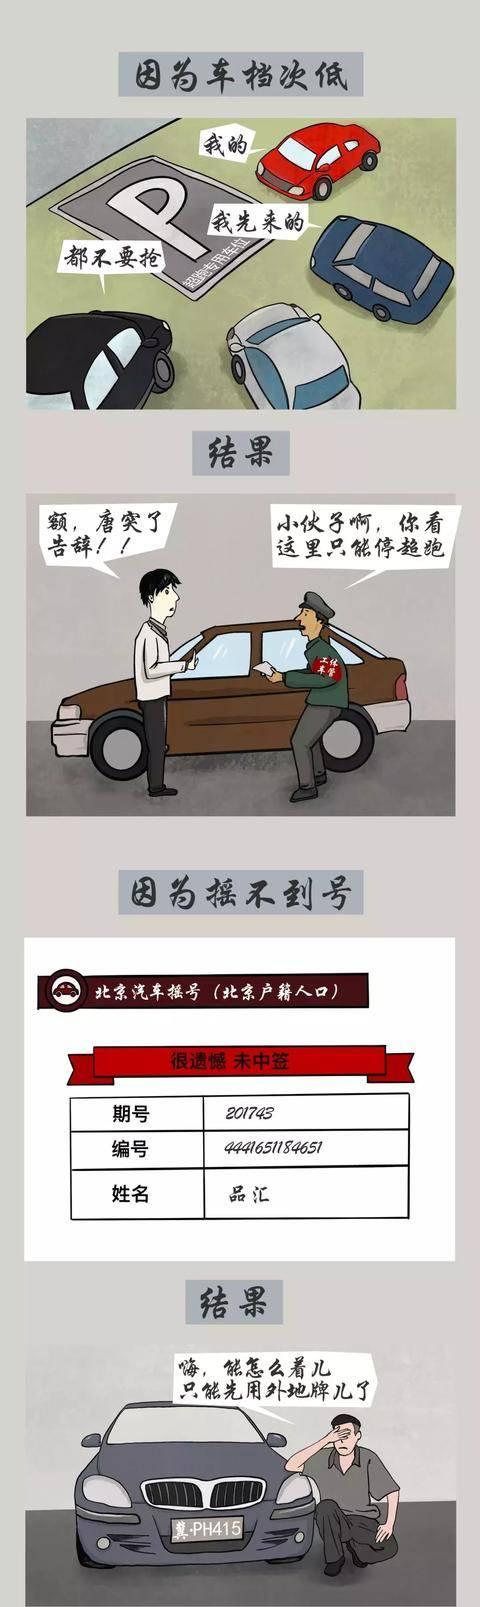 北京有车青年的烦恼 因摇不到号只能用外地牌